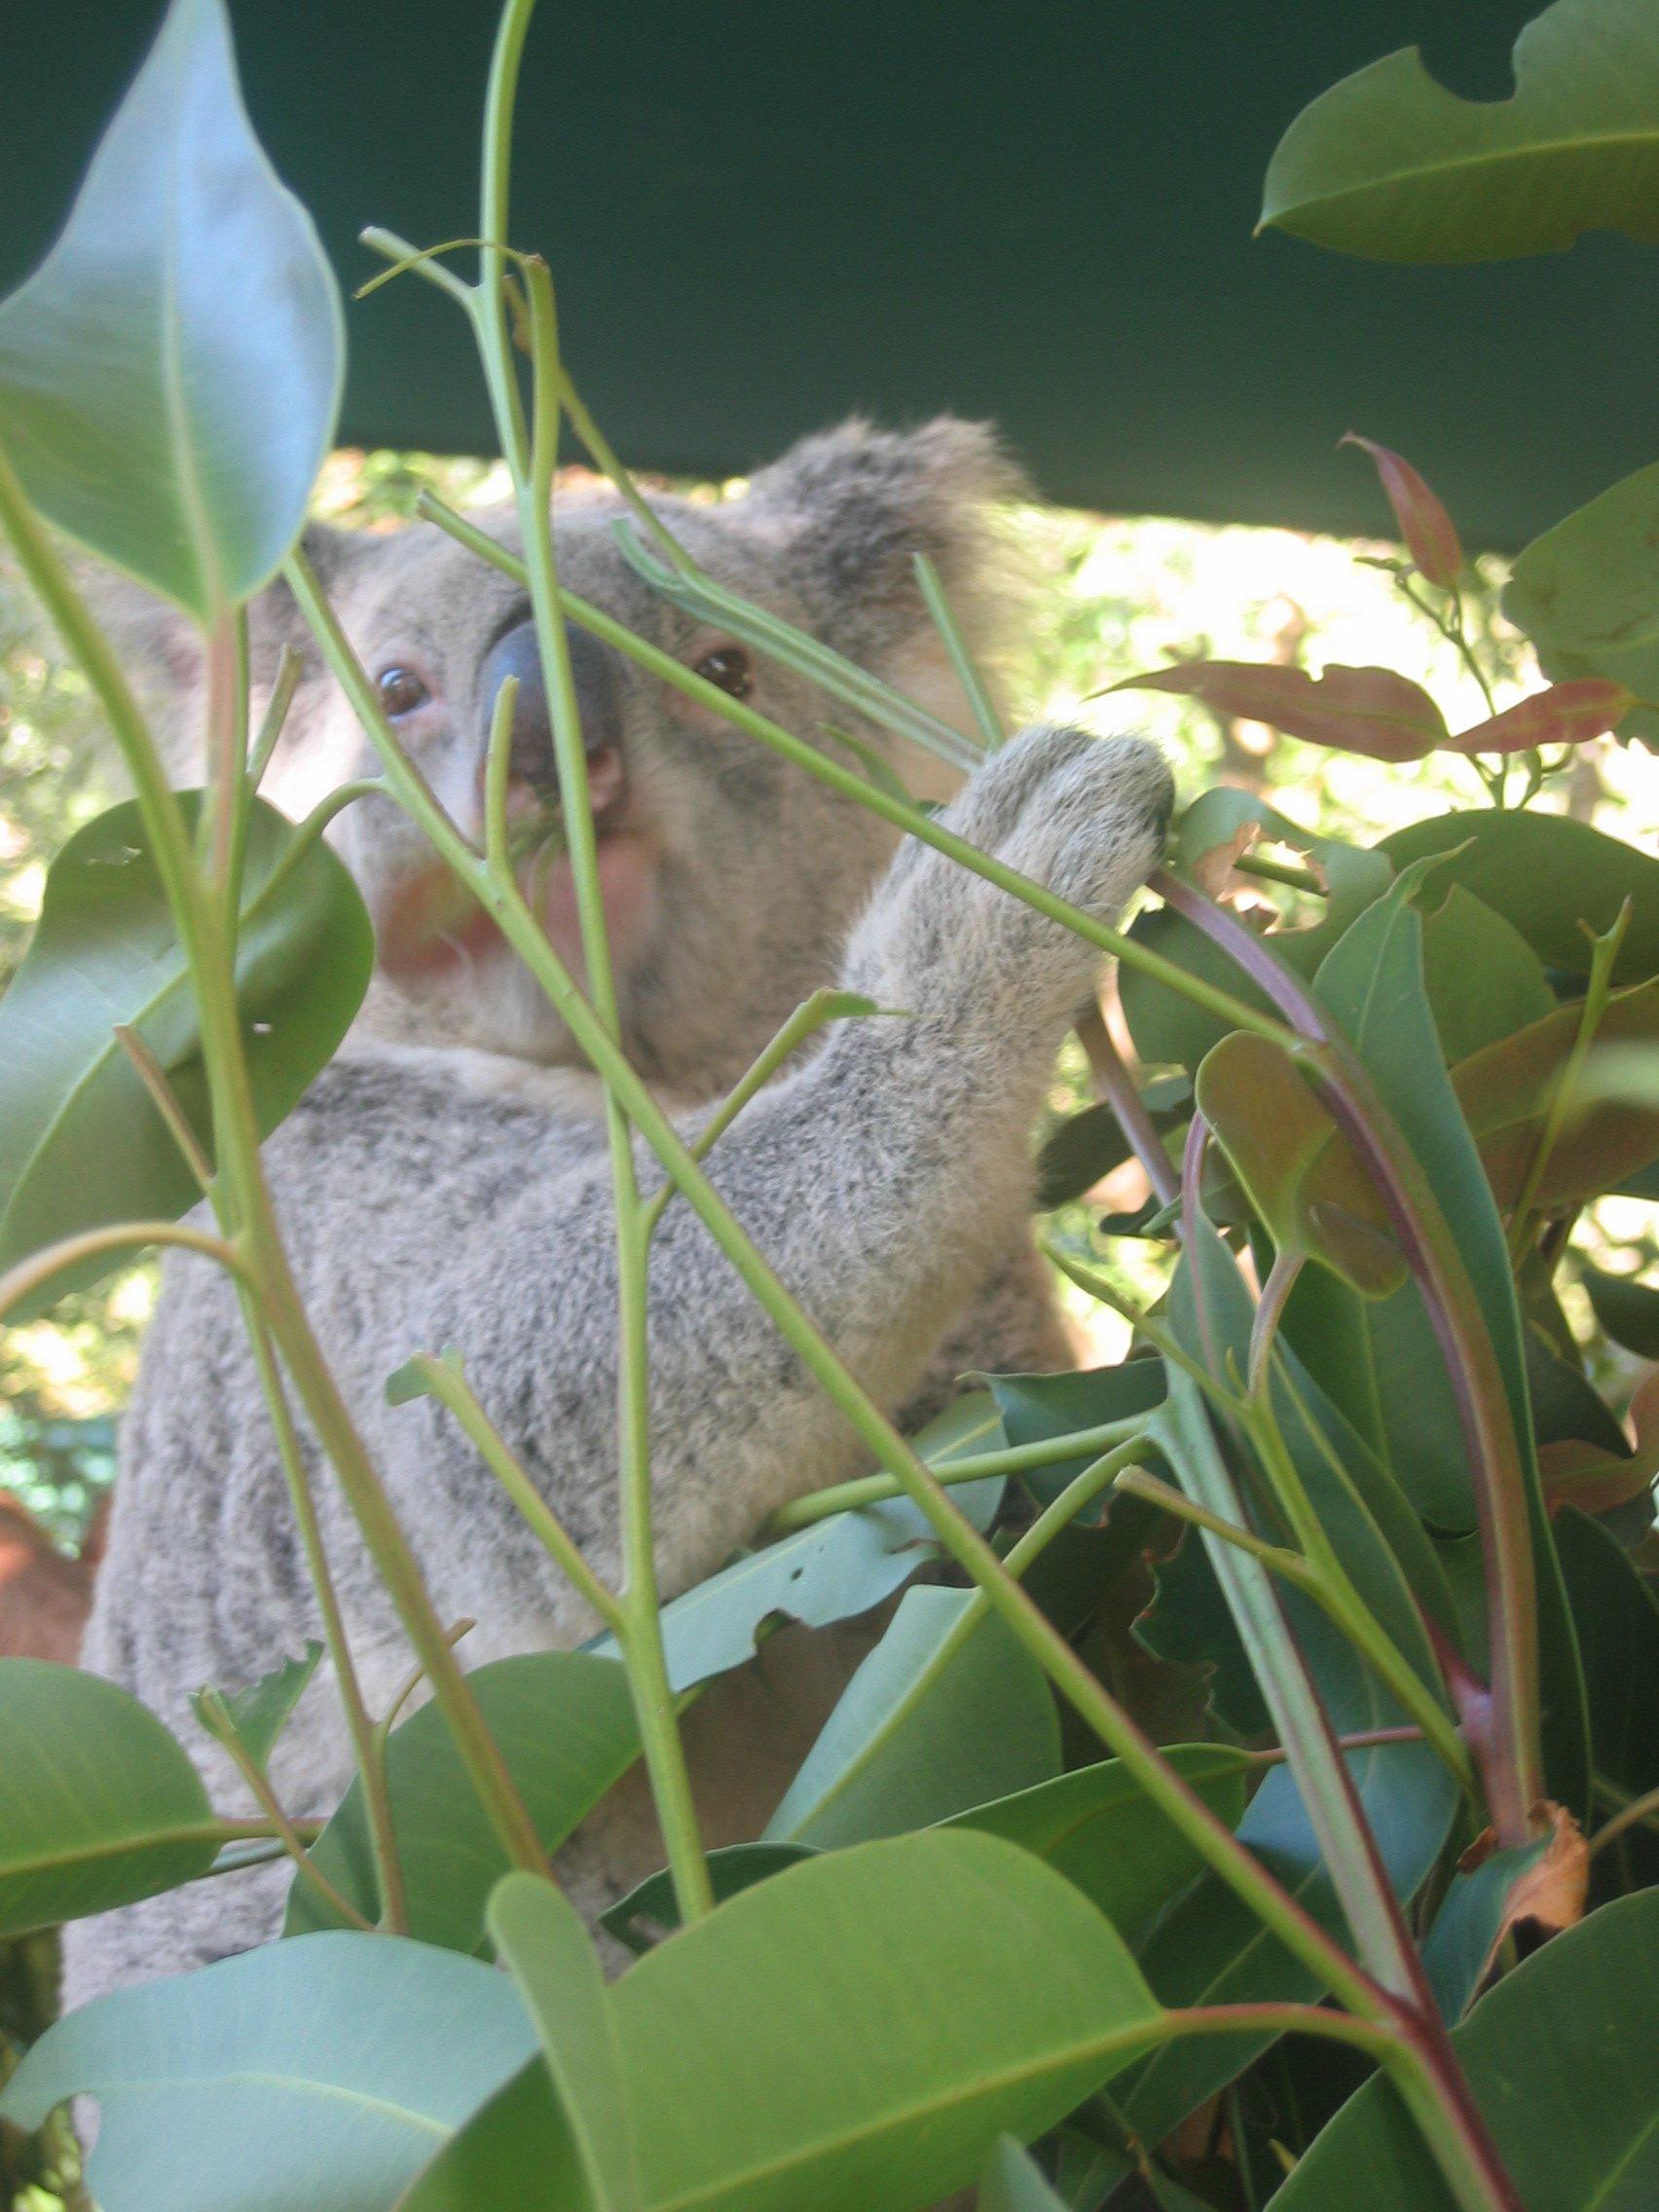 Koalabär in Australien © KidsAway